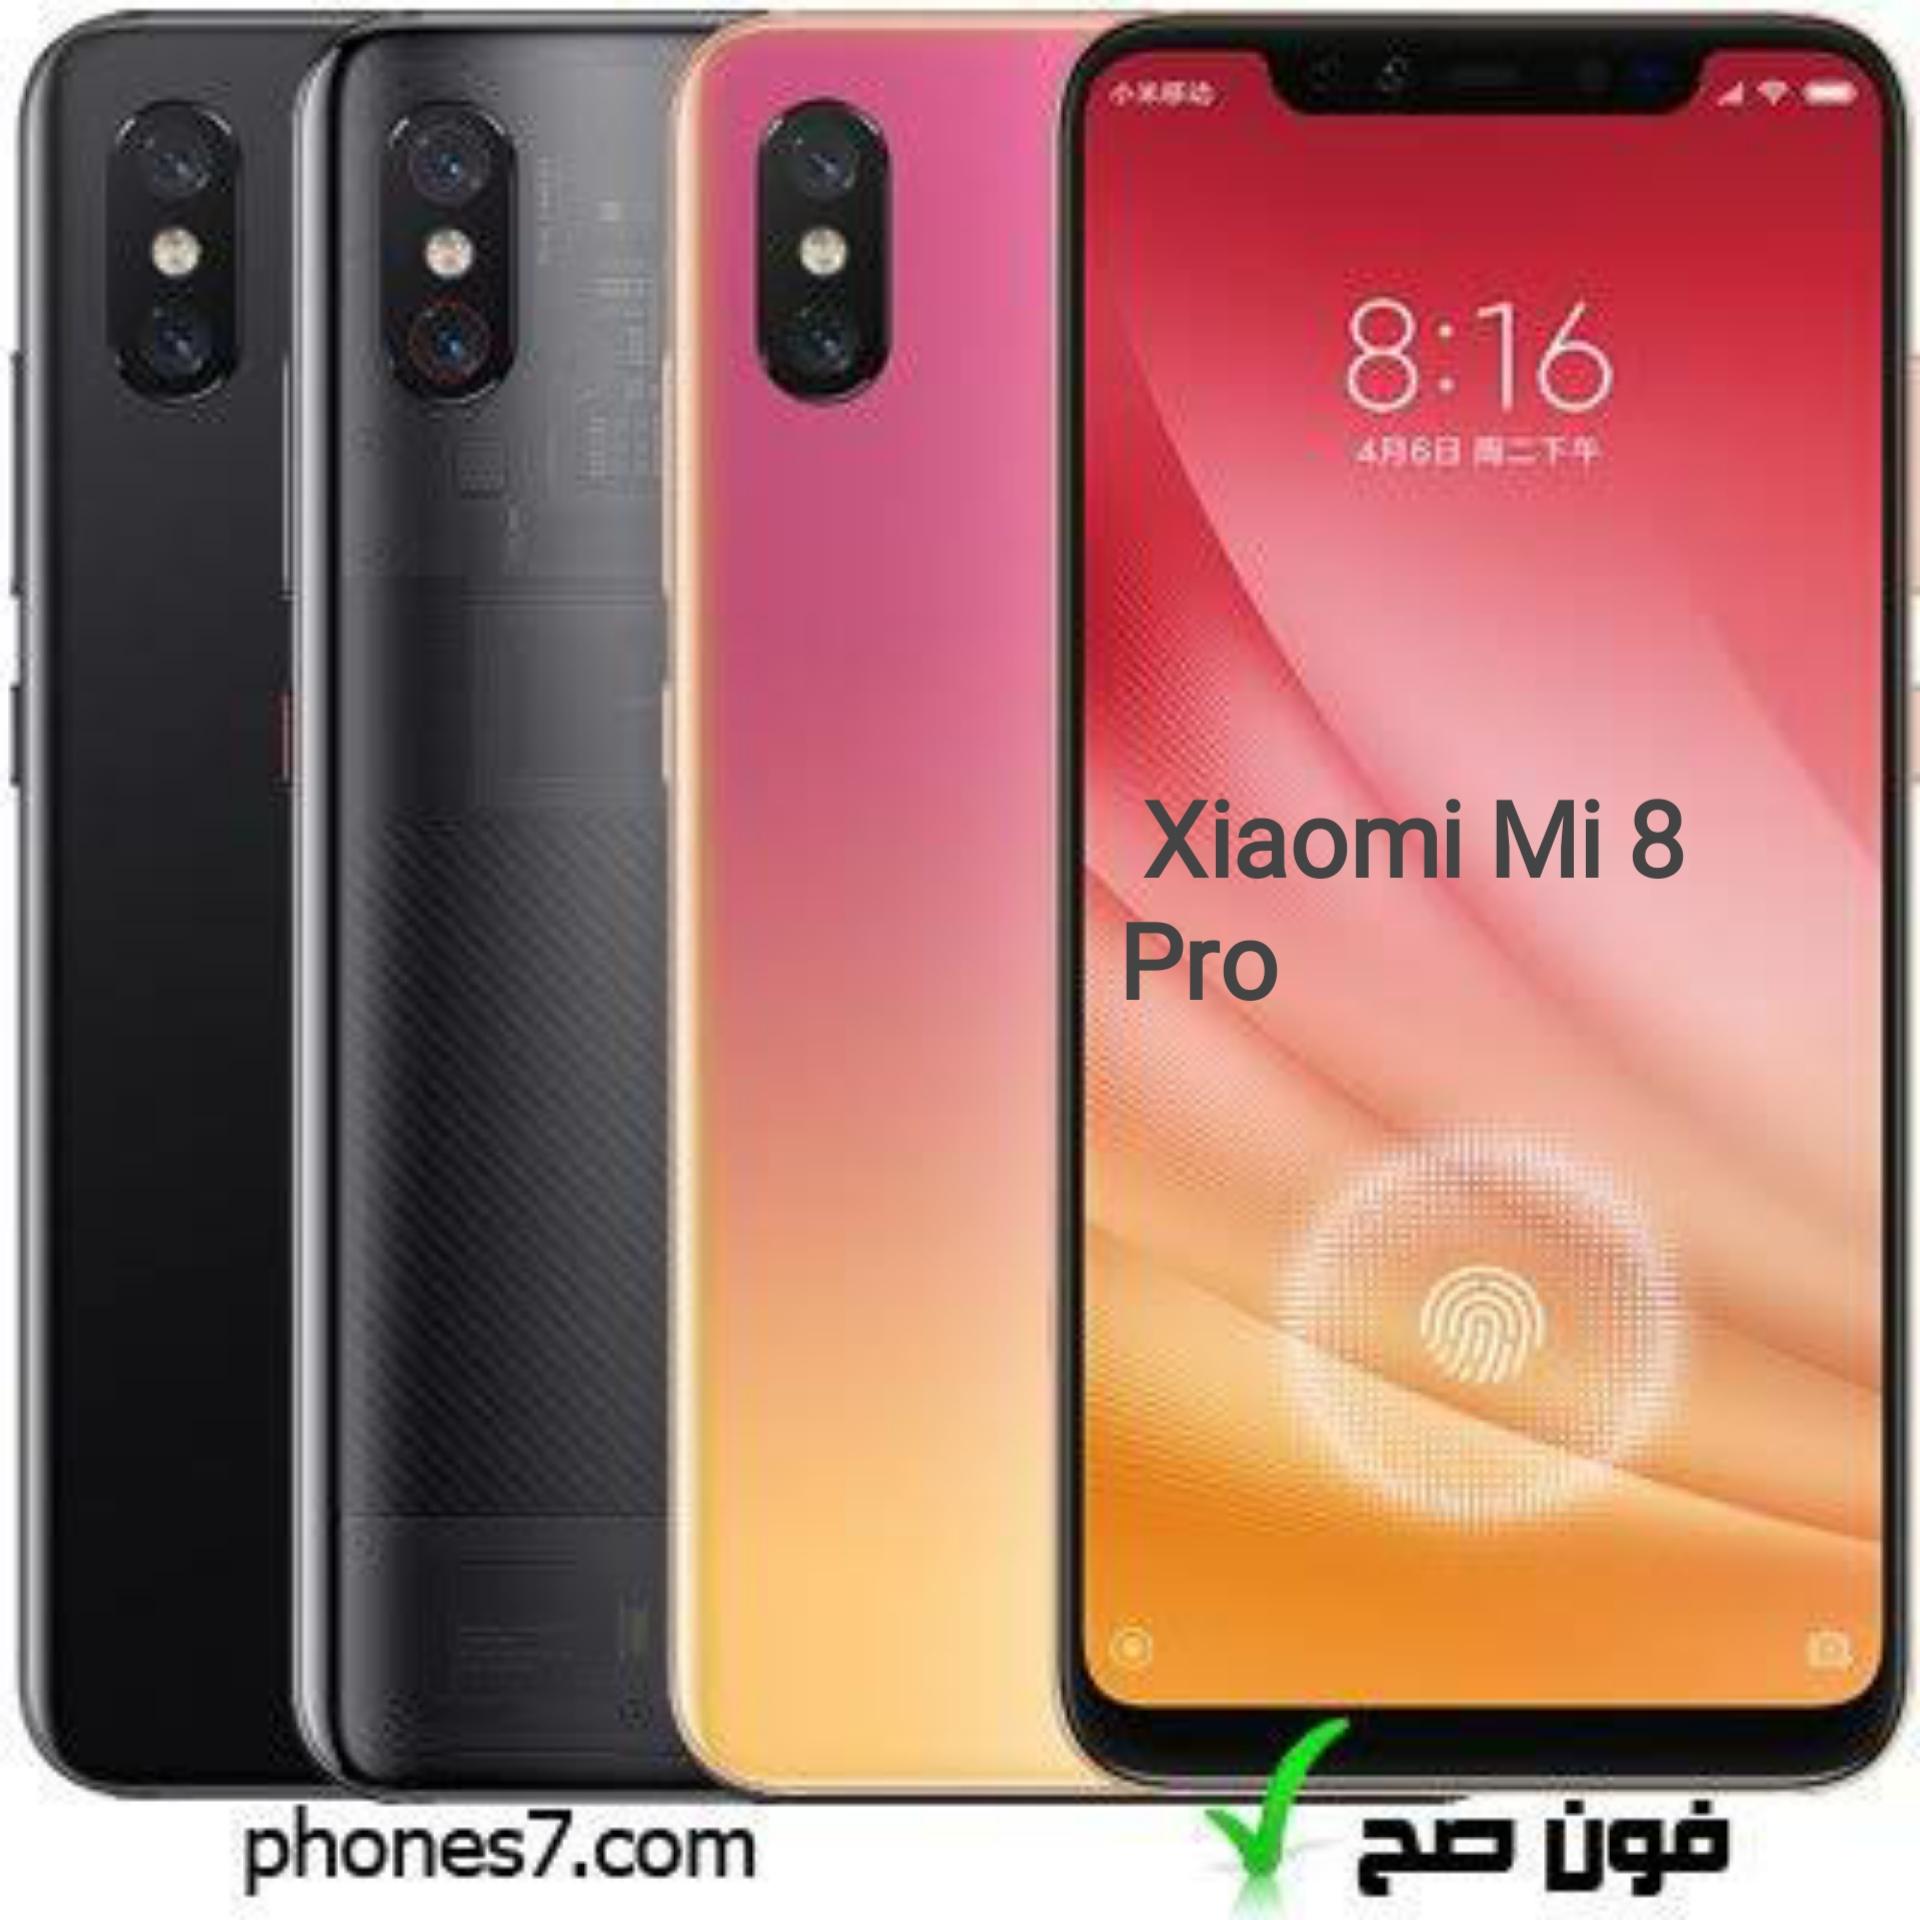 مراجعة هاتف Xiaomi Mi 8 Pro